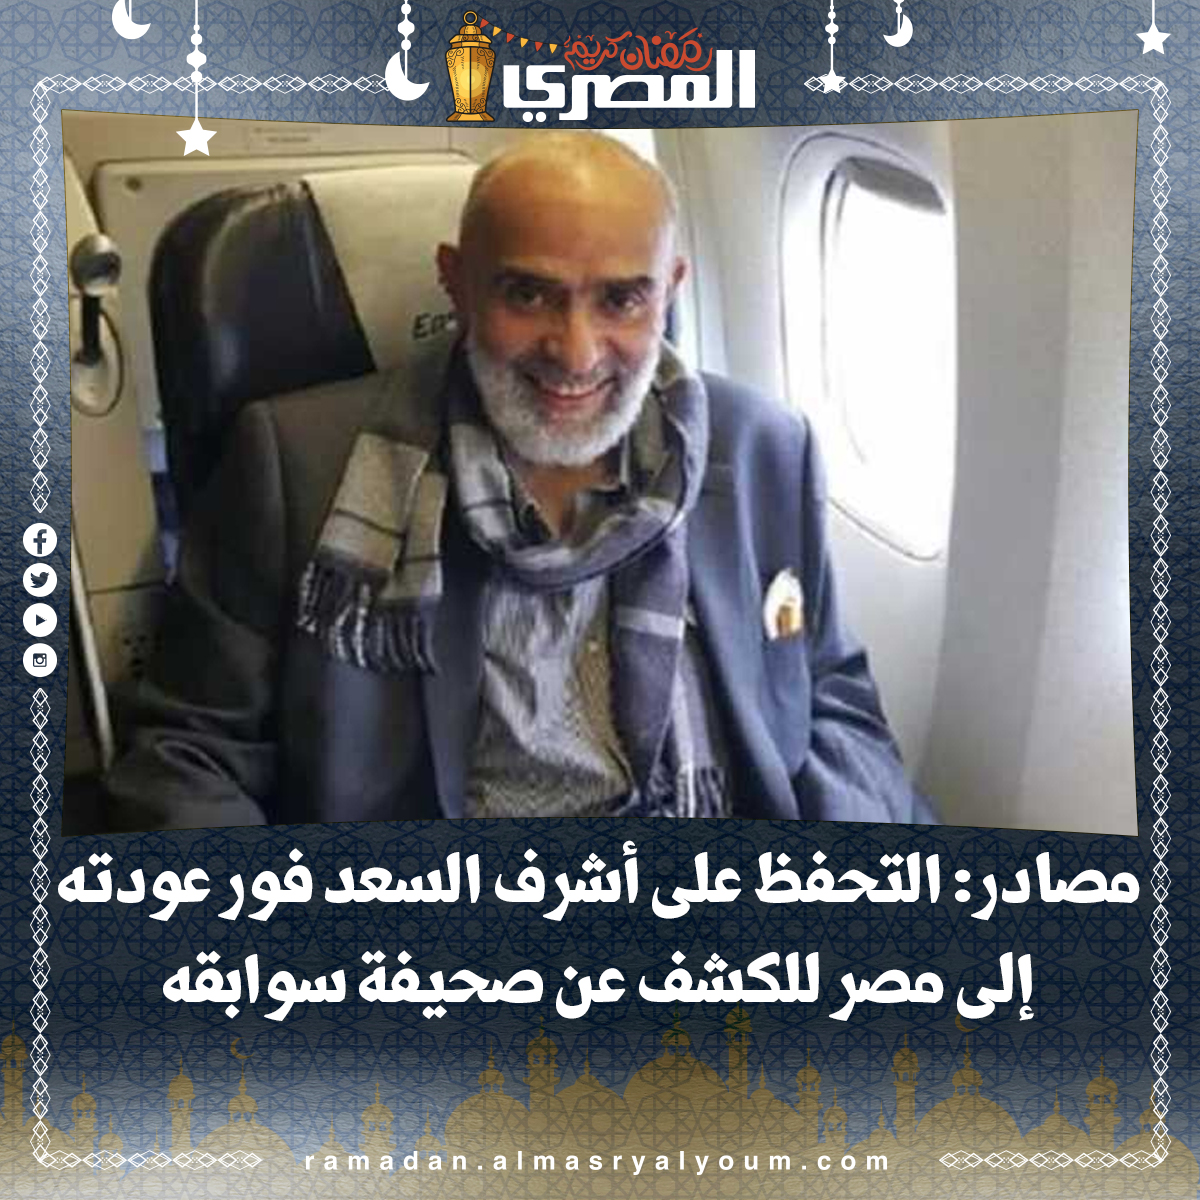 مصادر التحفظ على أشرف السعد فور عودته إلى مصر للكشف عن صحيفة سوابقه